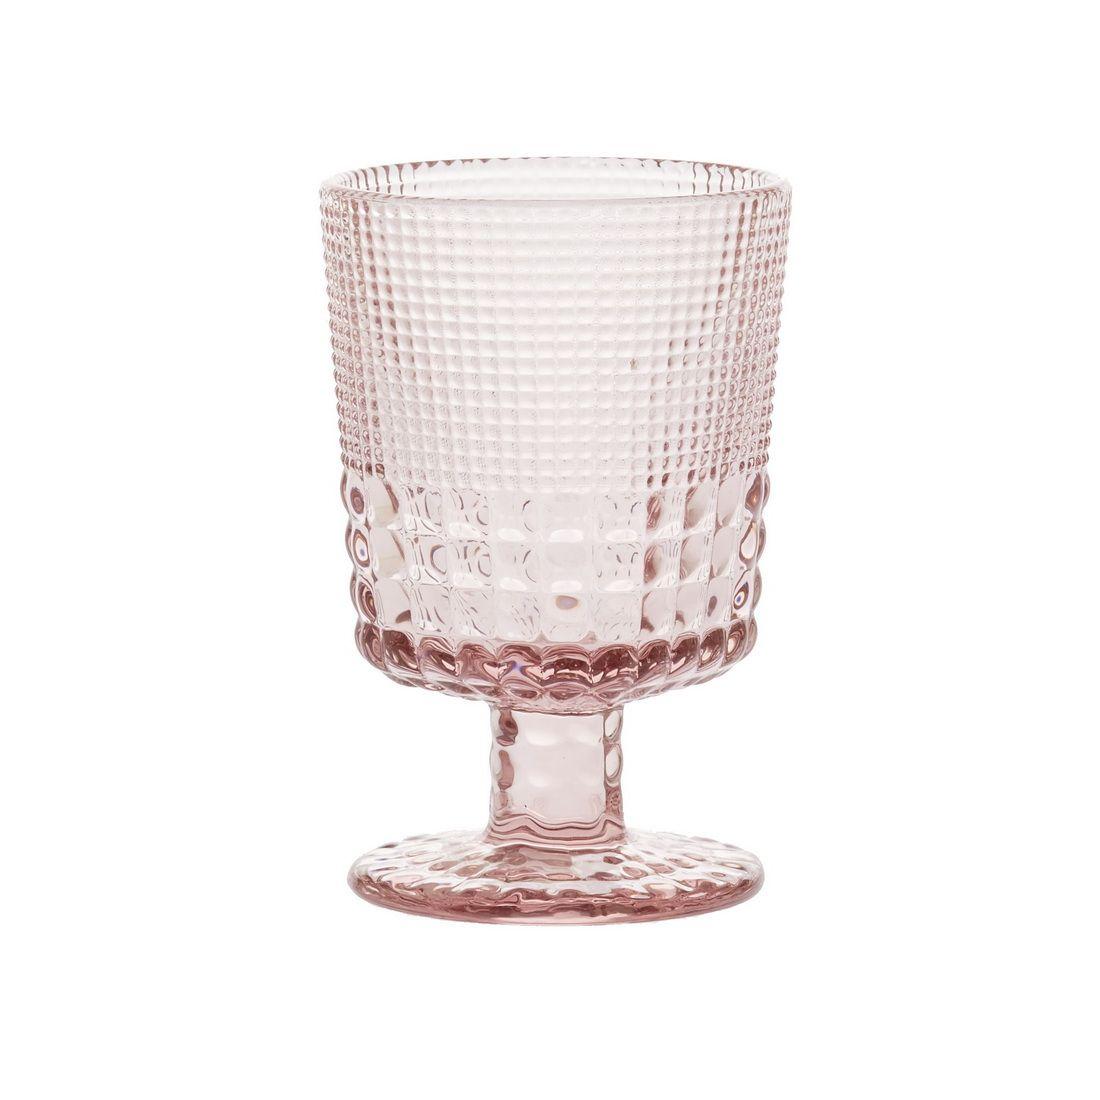 Бокал для белого вина Royal dropsБокал для белого вина Royal drops, от Magia Gusto, придется по вкусу истинному ценителю.<br>